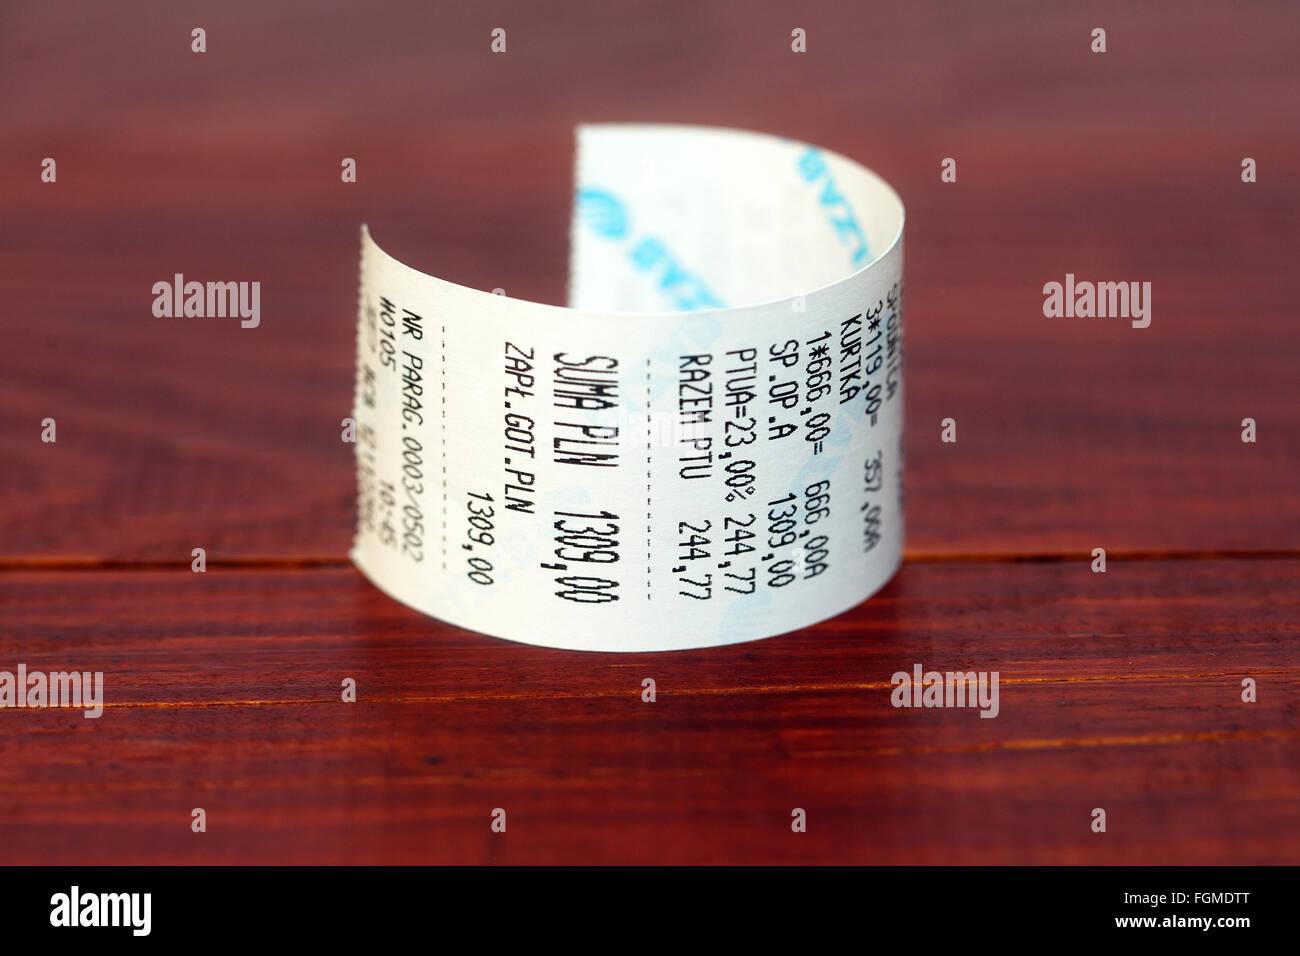 Printed Items Stockfotos & Printed Items Bilder - Alamy